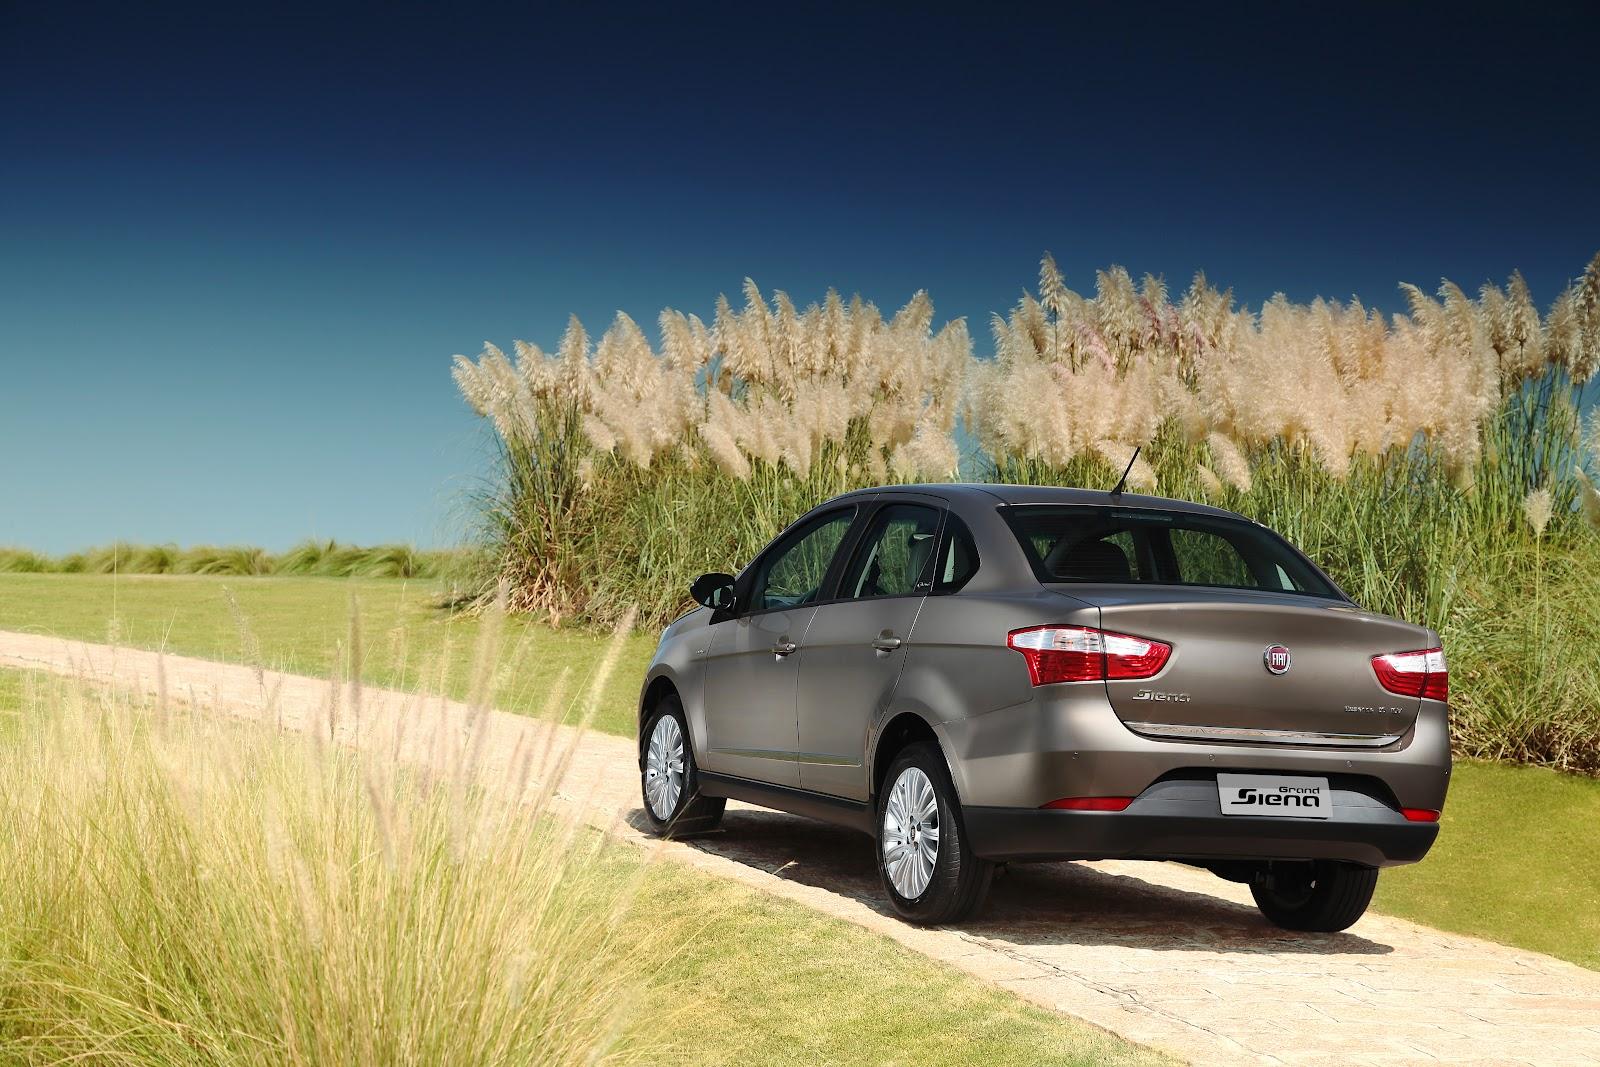 Fiat Grand Siena já está disponível para demonstração e teste na Carboni Fiat SIENA%25205%2520 %2520Essence